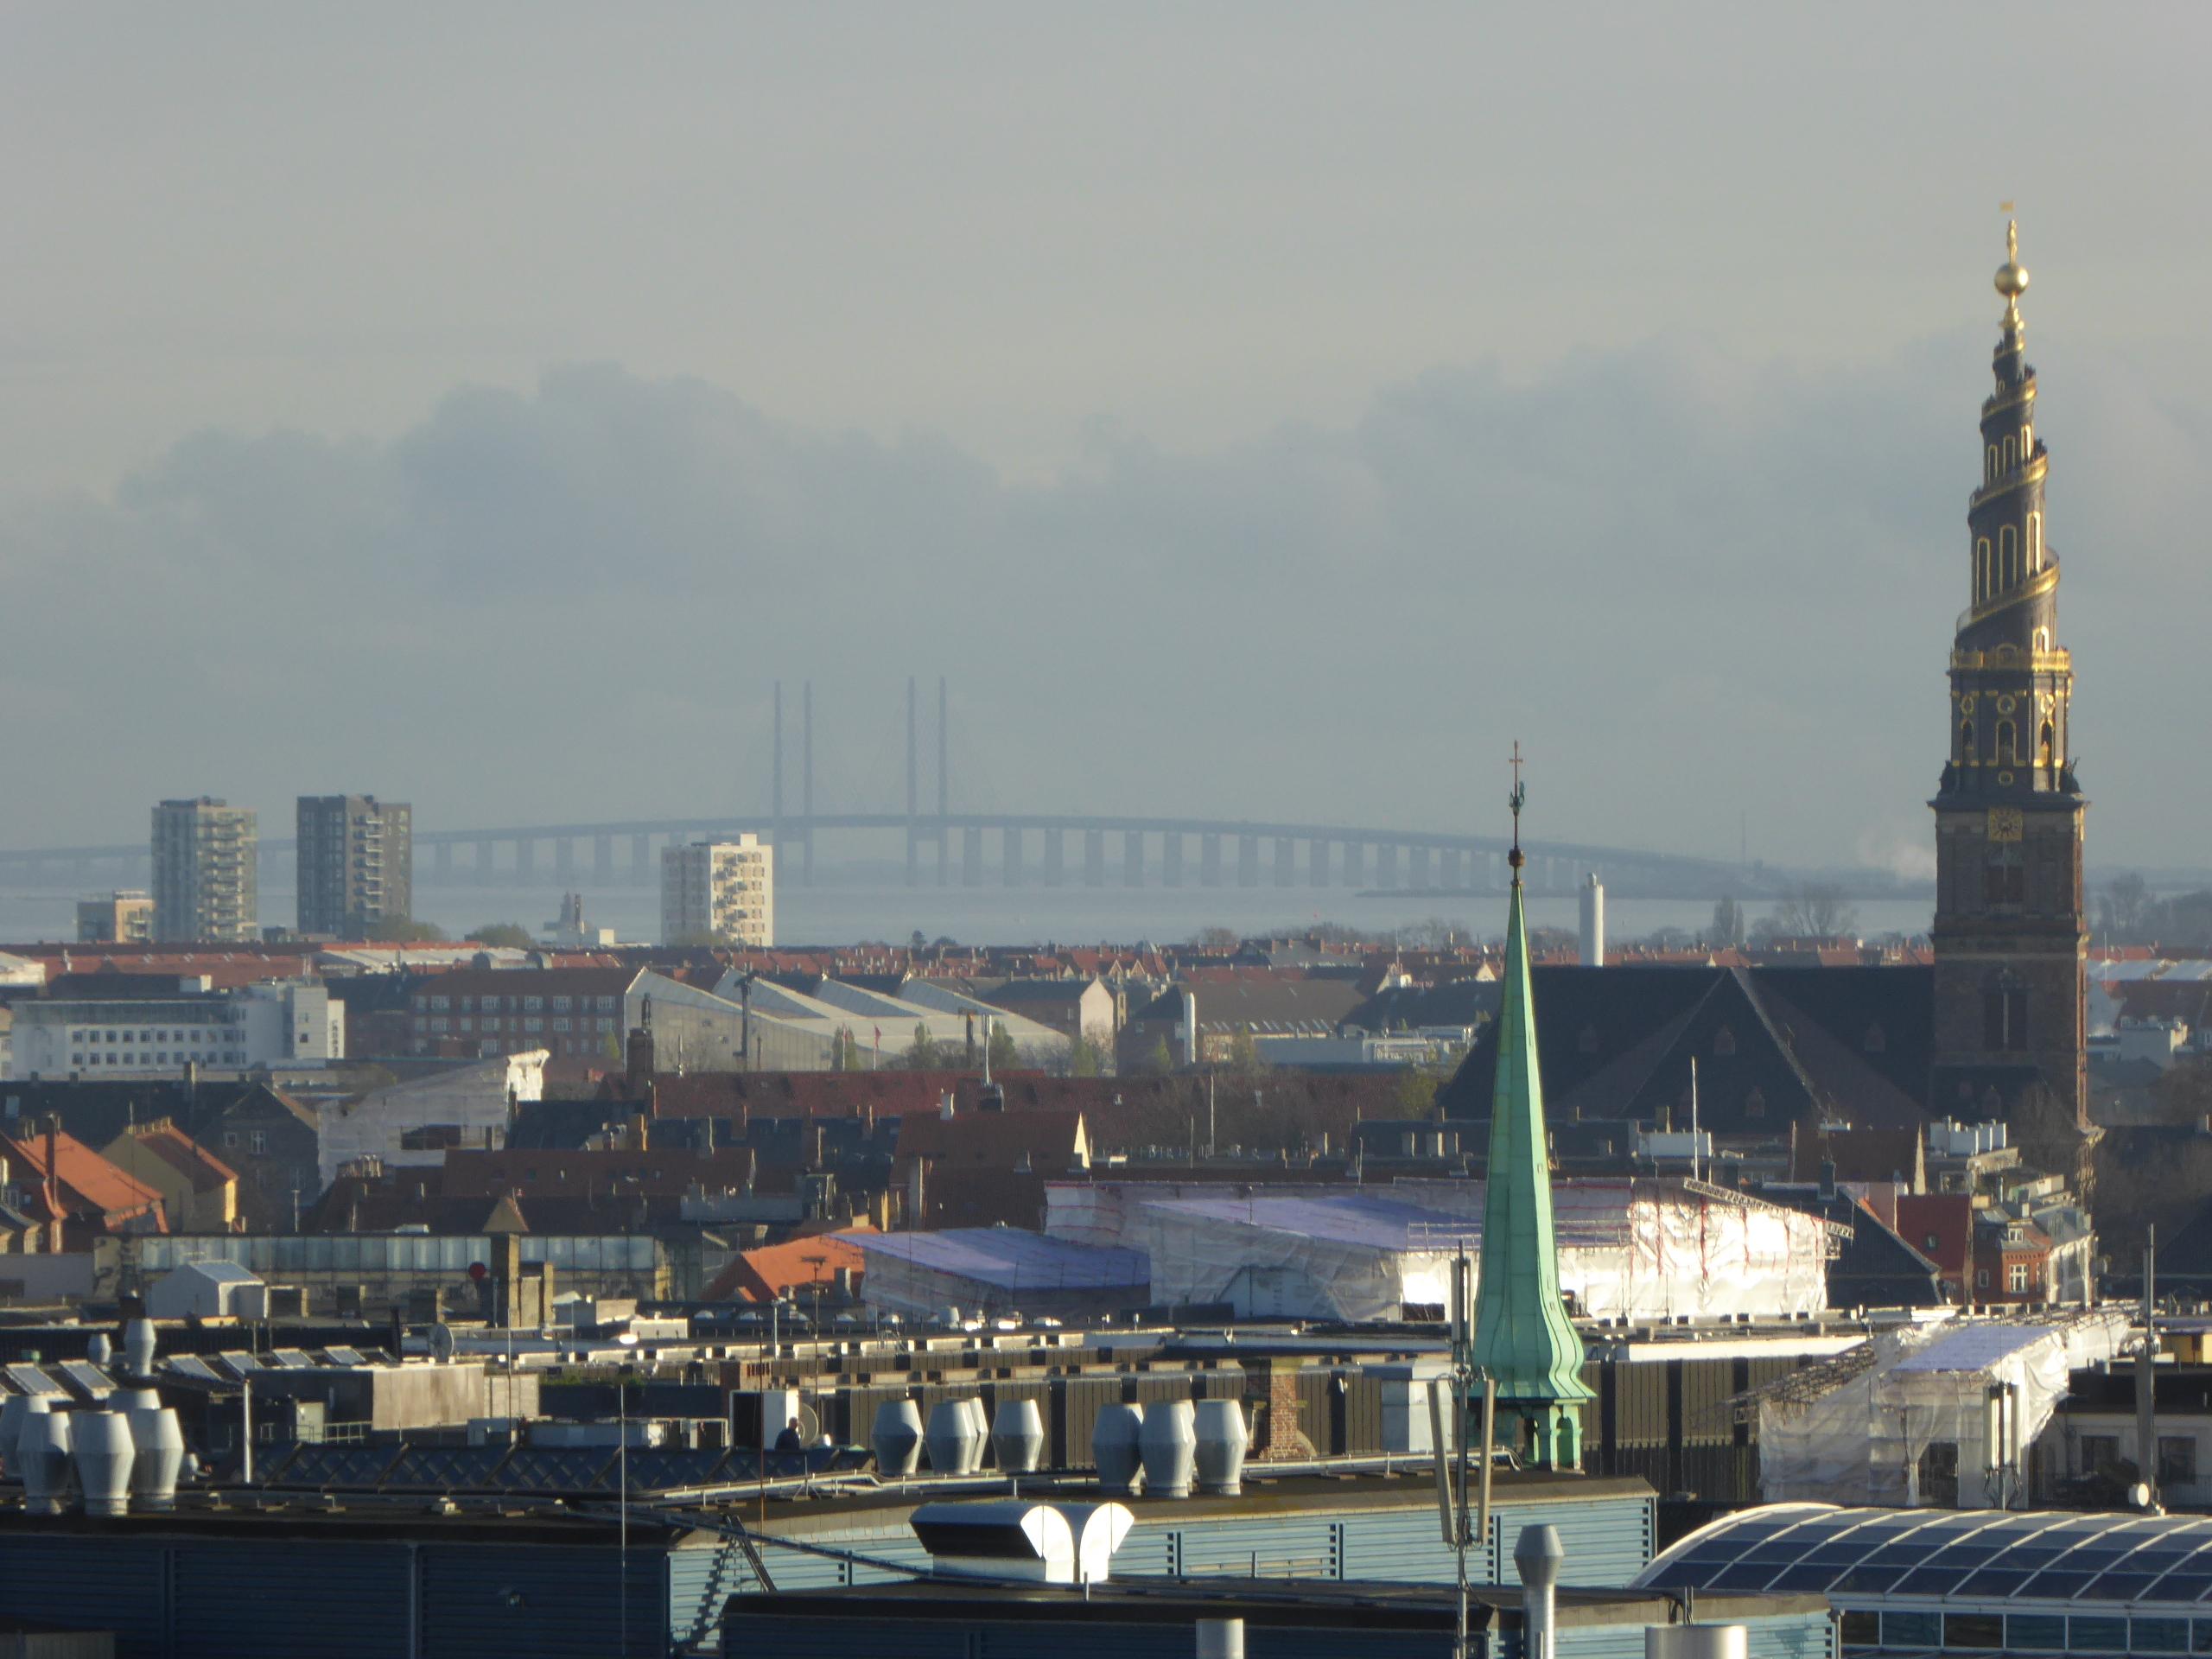 Вид на Эресуннский мост из Копенгагена. Источник https://upload.wikimedia.org/